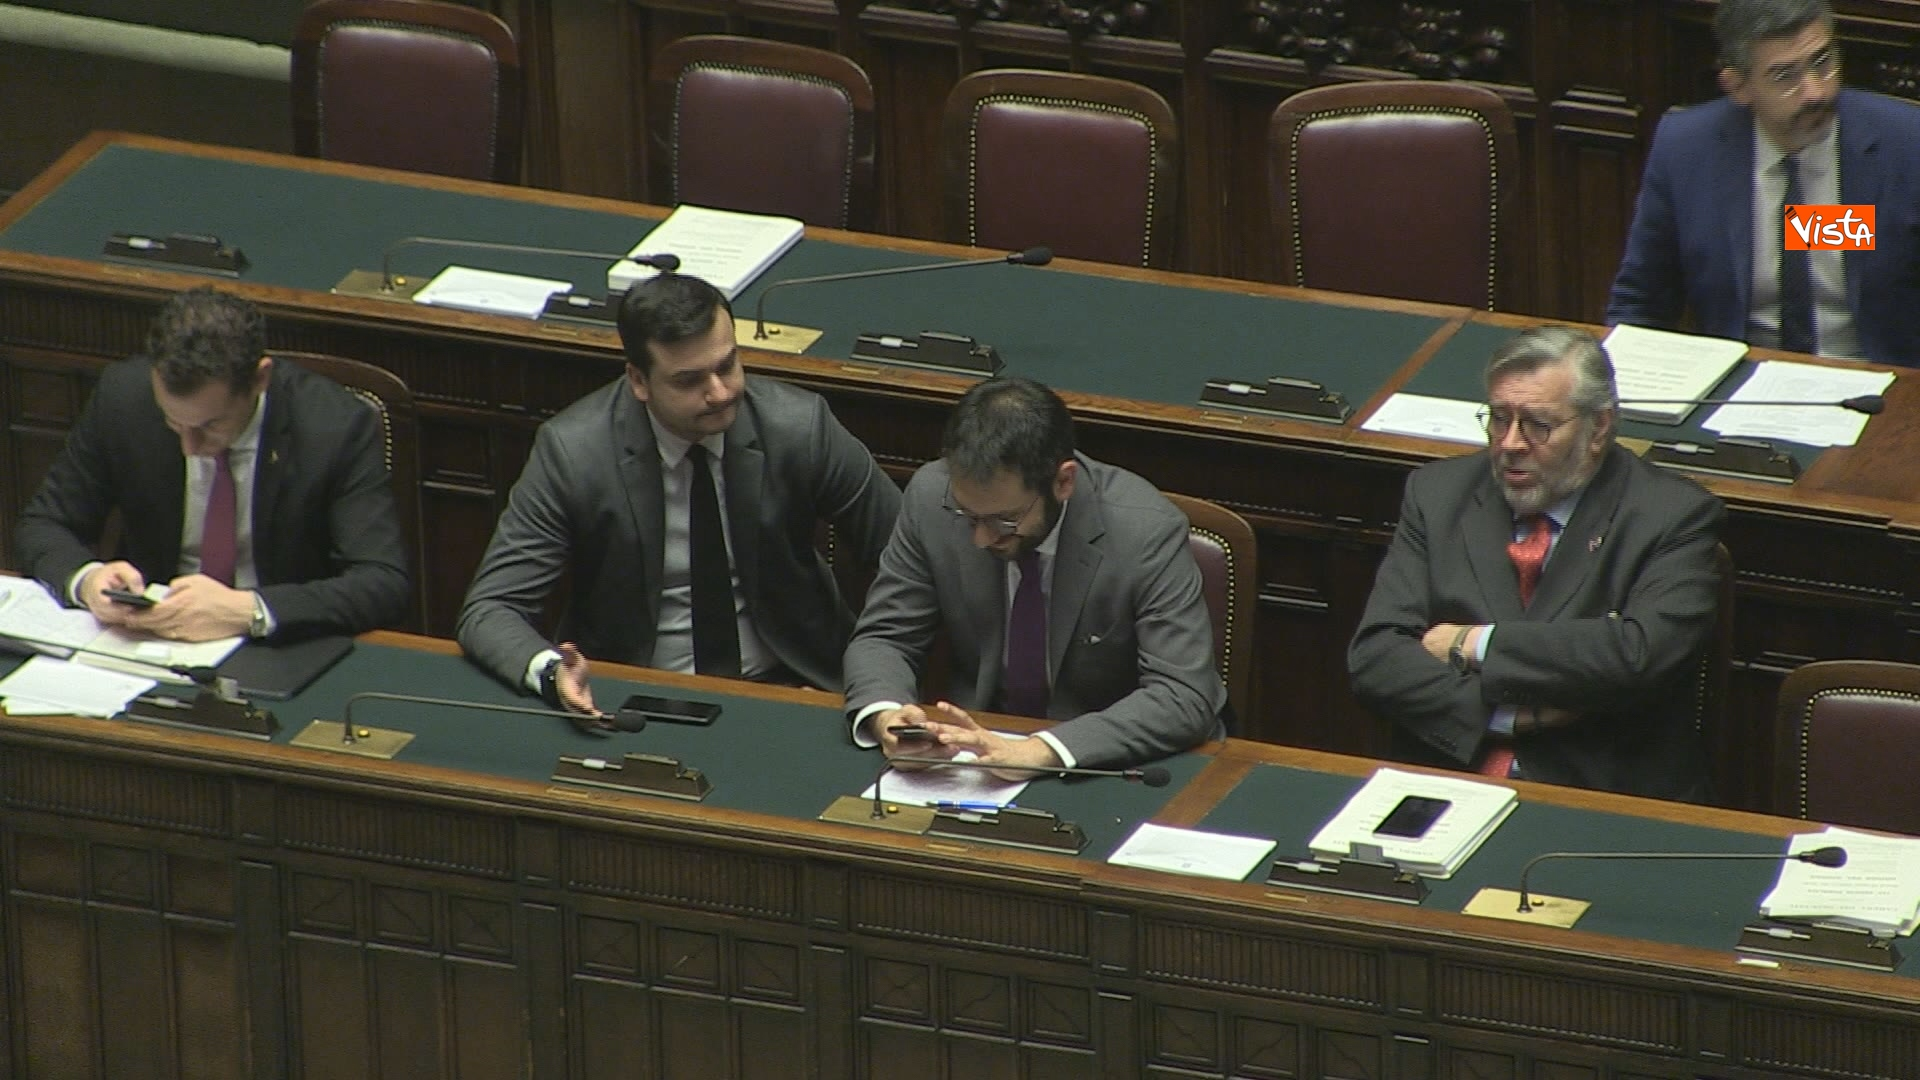 19-03-19 Conte riferisce in Aula Camera su Consiglio Ue e Via della seta immagini_07